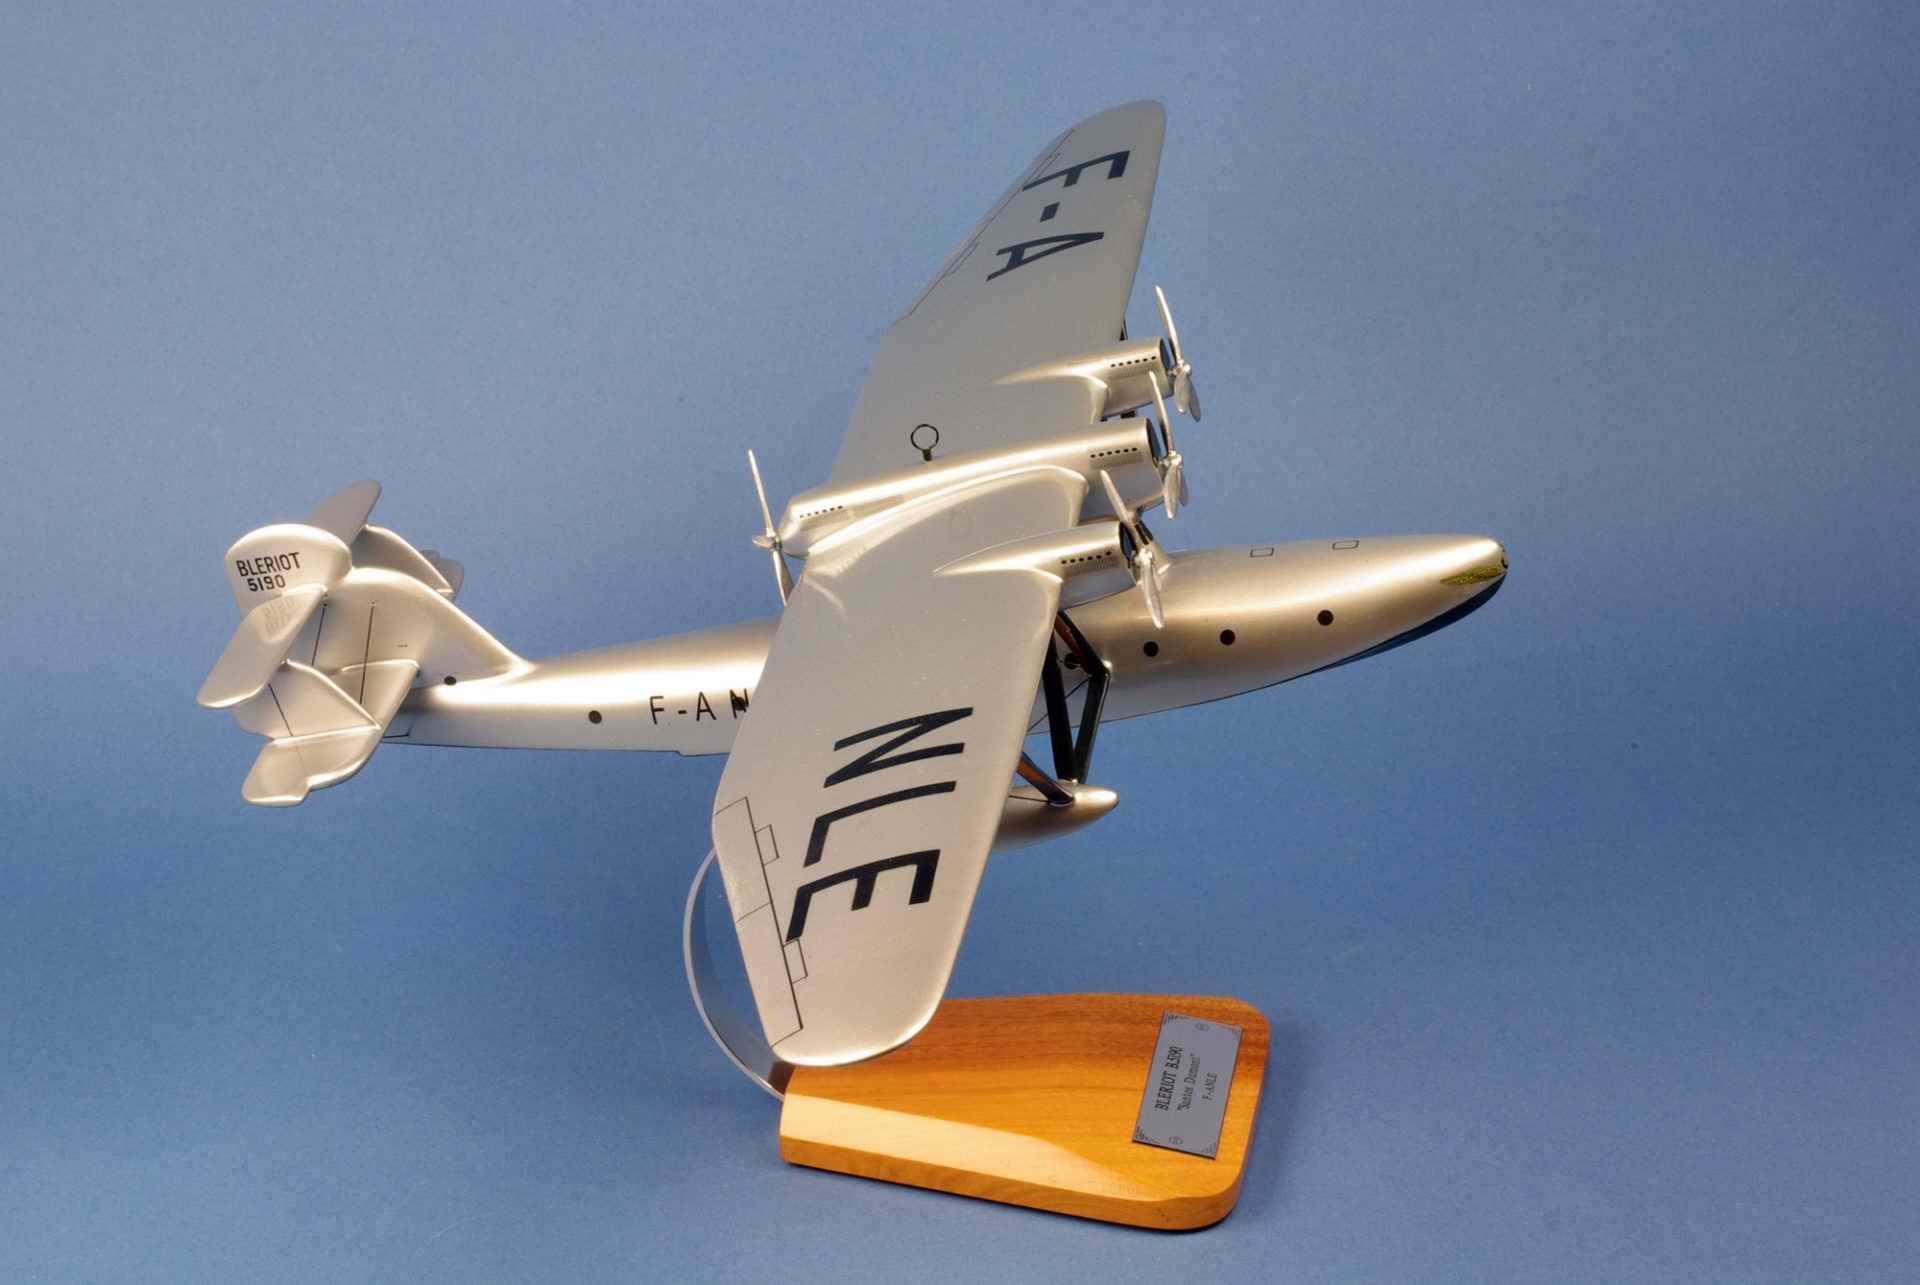 Maquette Avion BLERIOT B5190 Santos Dumont Compagnie Générale Aéropostale